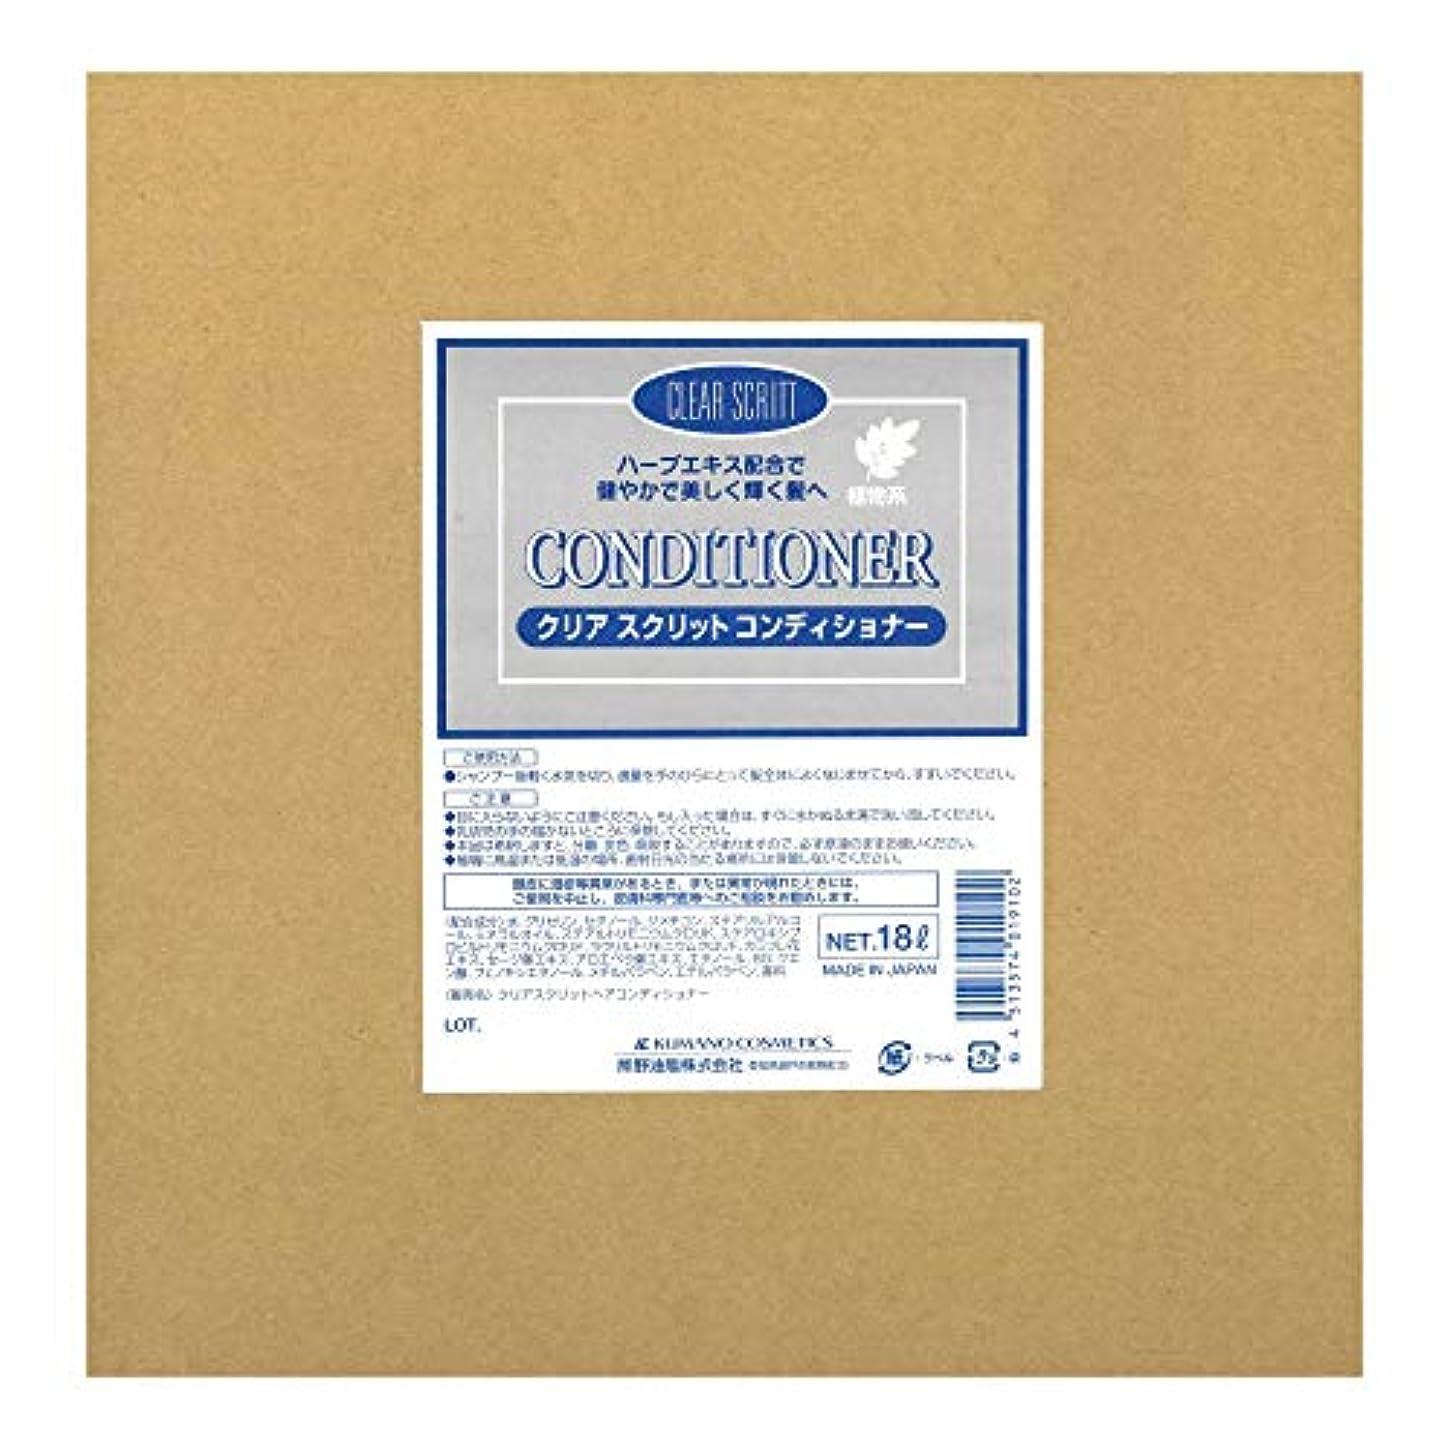 延期する半球社交的熊野油脂 業務用 クリアスクリット コンディショナー 18L